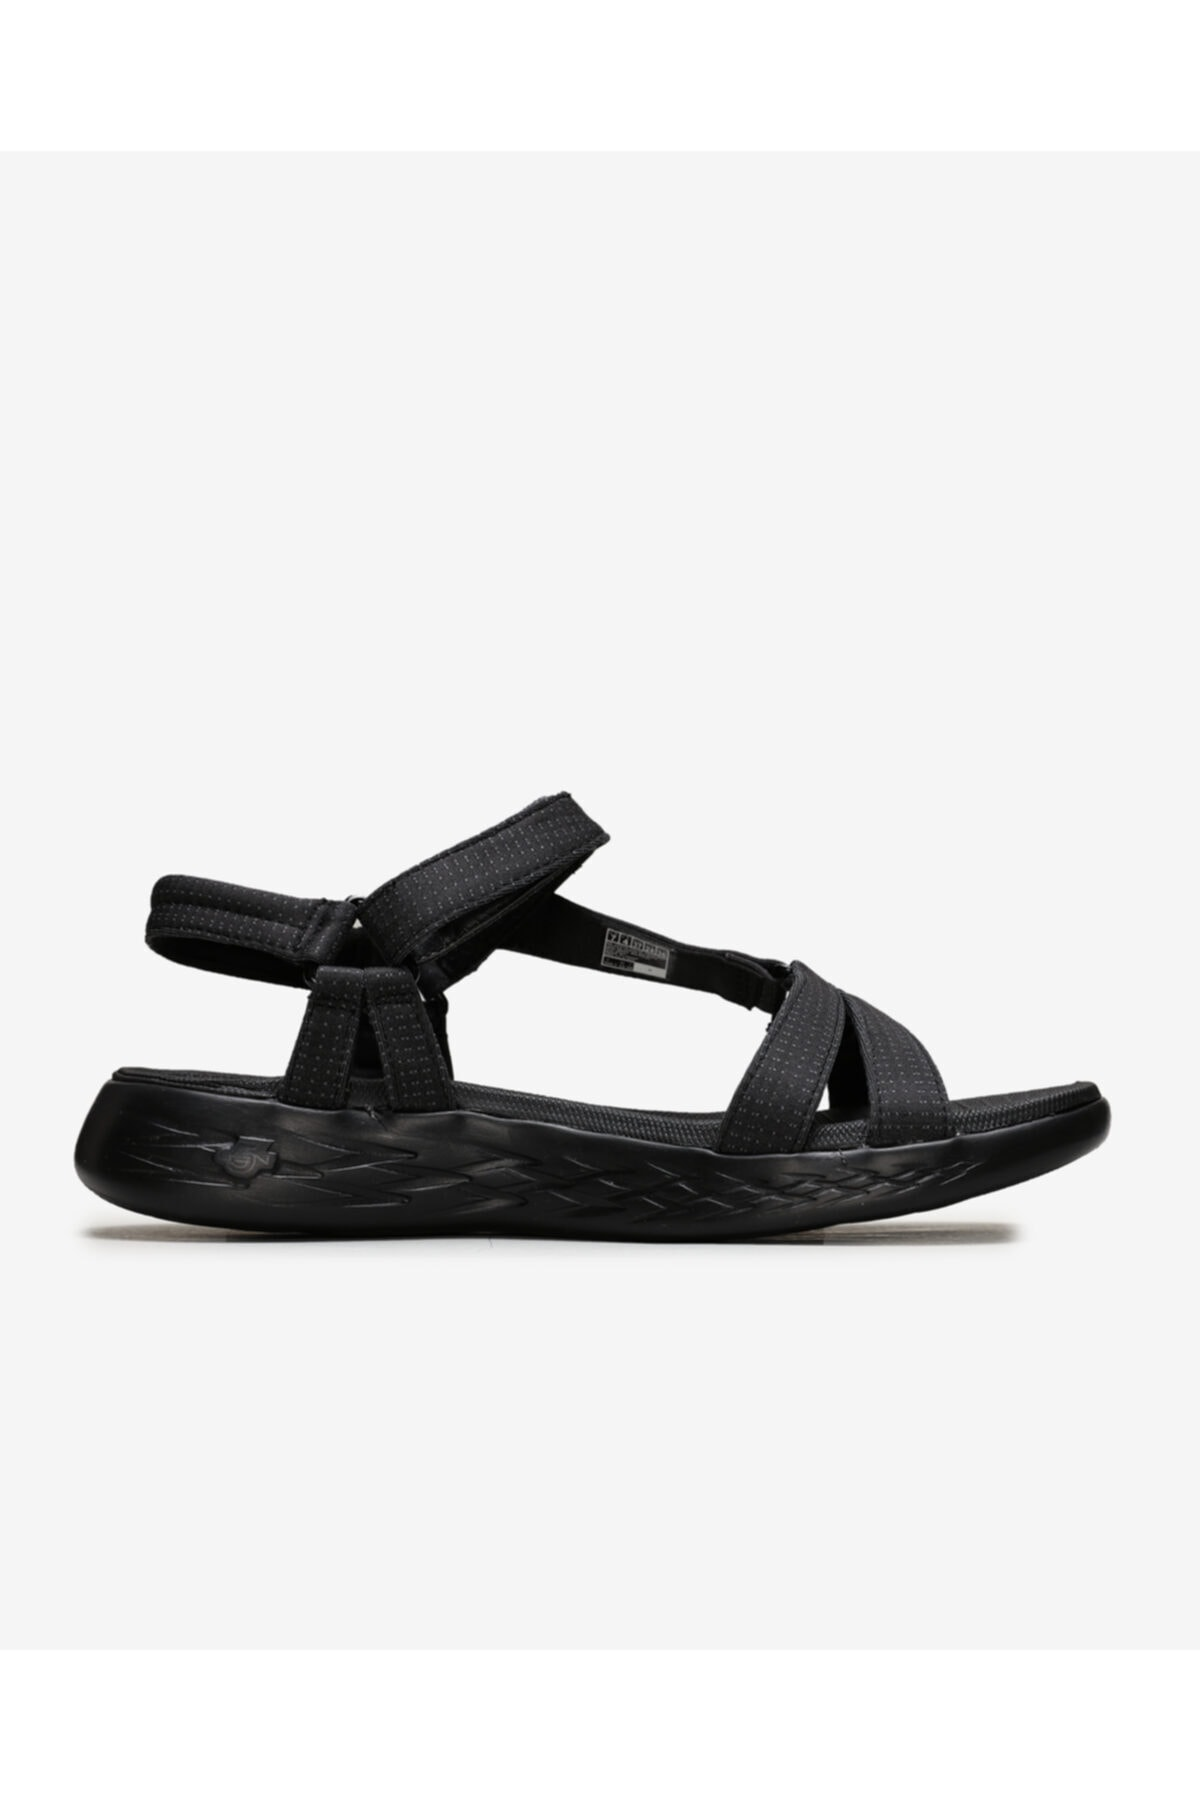 SKECHERS On-the-go 600 - Brilliancy Kadın Siyah Sandalet 15316 Bbk 2